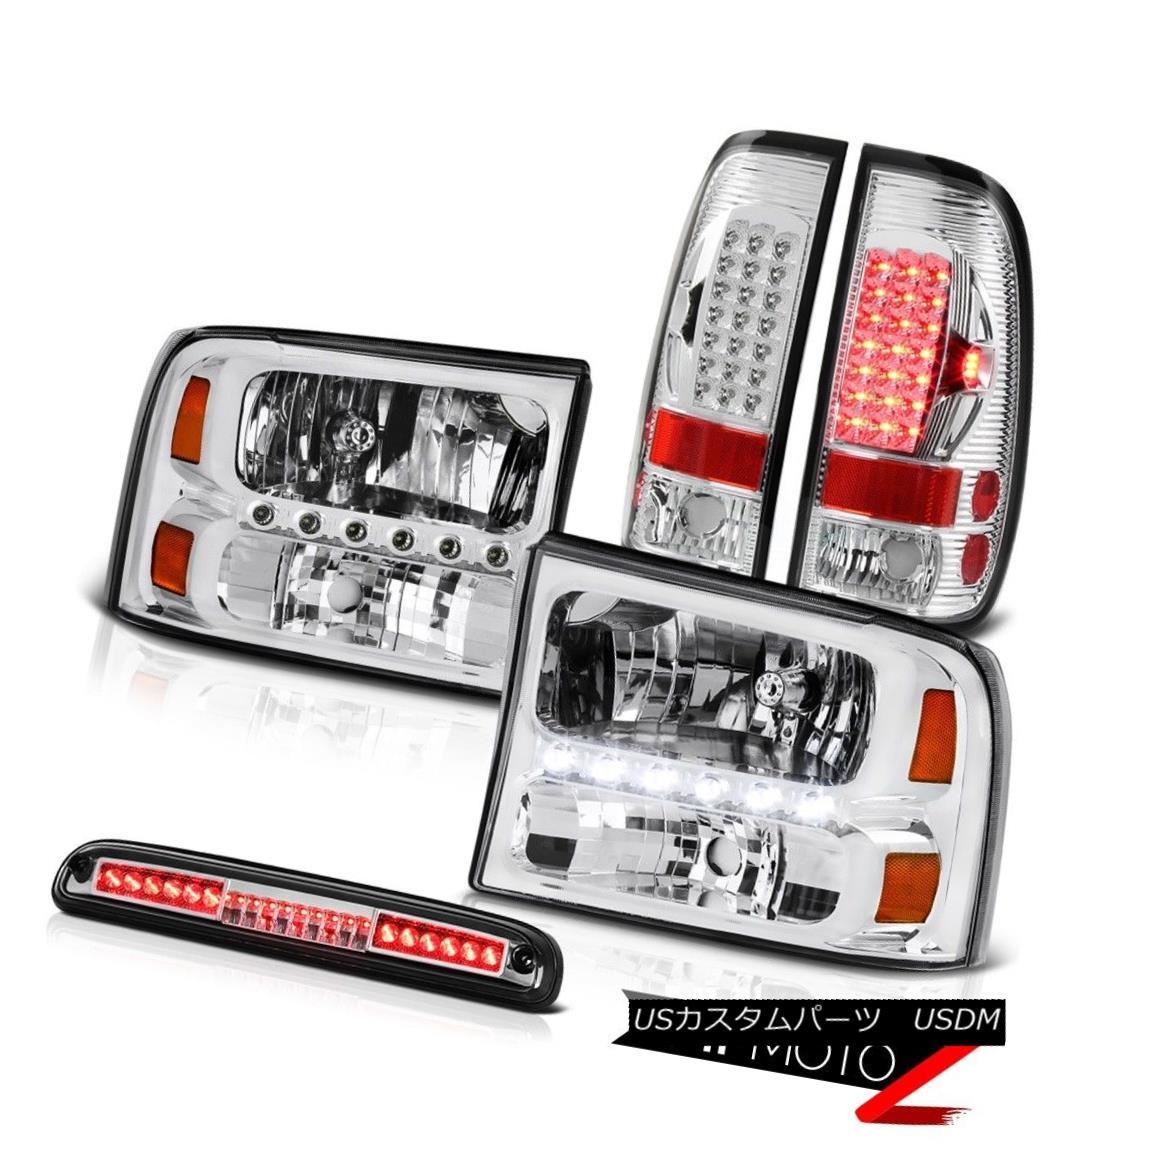 テールライト Factory Style Headlights LED Taillamp Chrome 3rd Brake 99 00 01 02 03 04 F250 ファクトリースタイルのヘッドライトLEDテールランプクローム第3ブレーキ99 00 01 02 03 04 F250